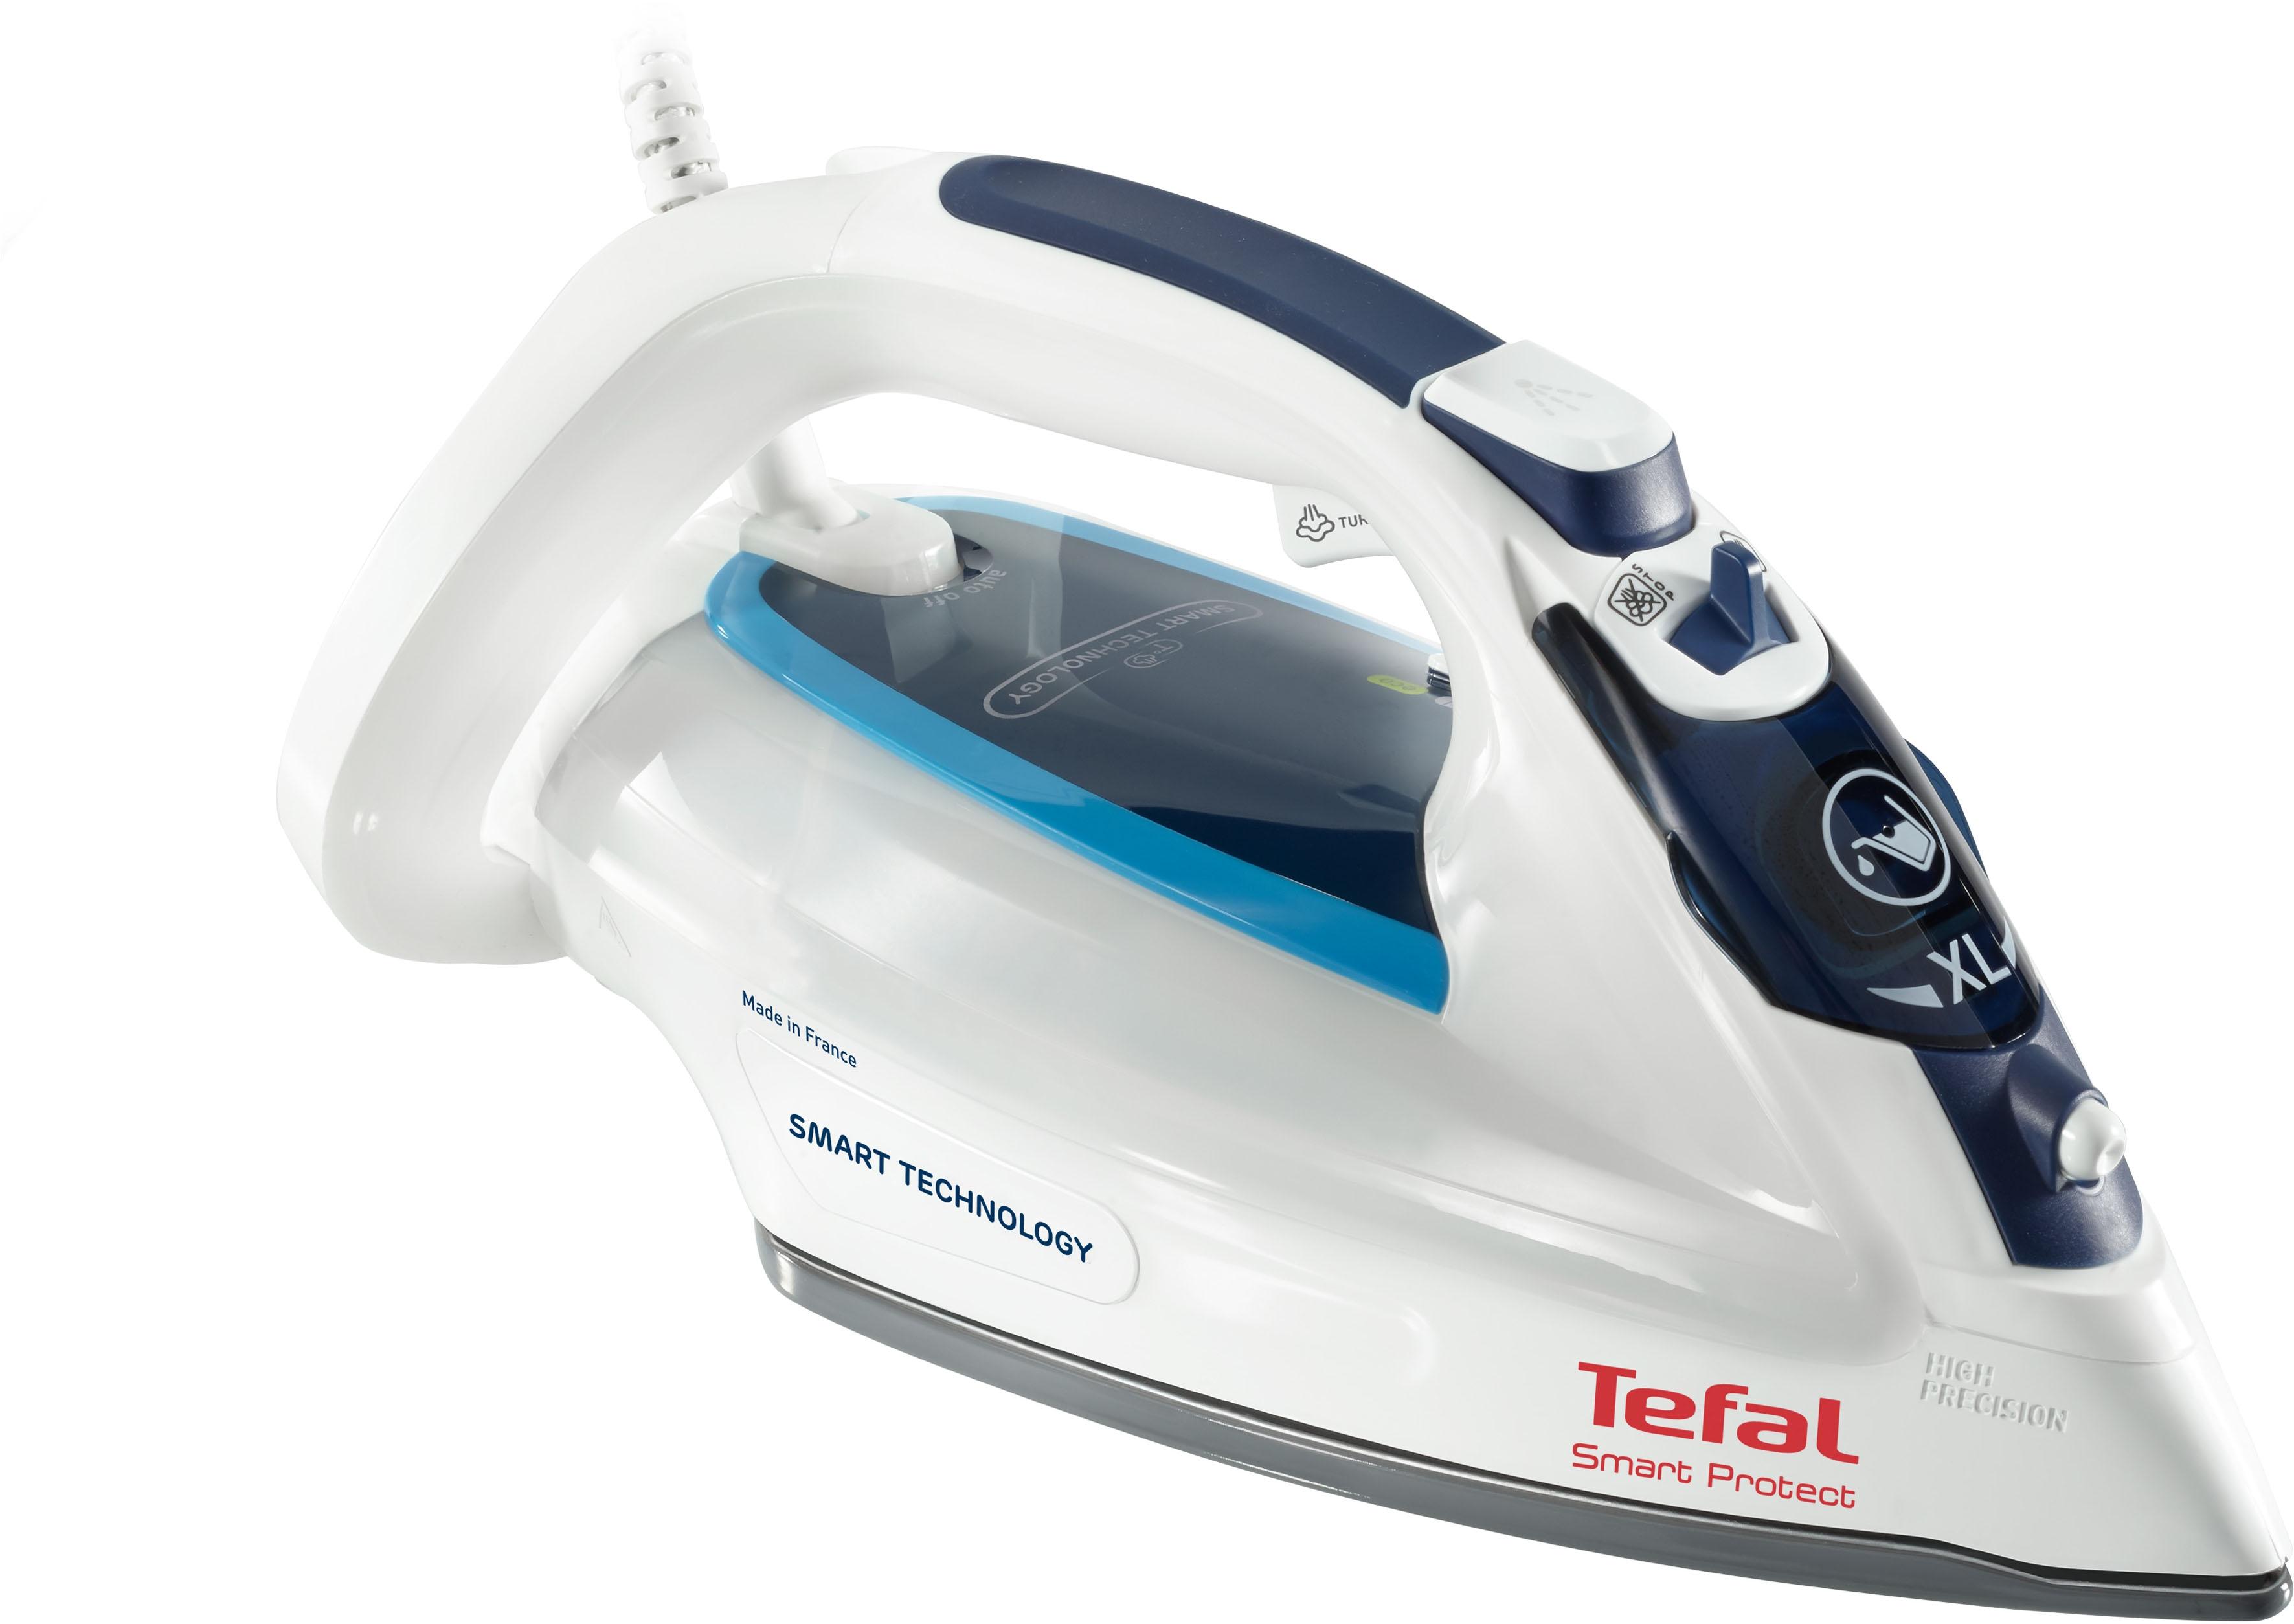 Tefal Dampfbügeleisen FV4980 Smart Protect, 2600 Watt weiß Bügeleisen Bügelstationen Haushaltsgeräte